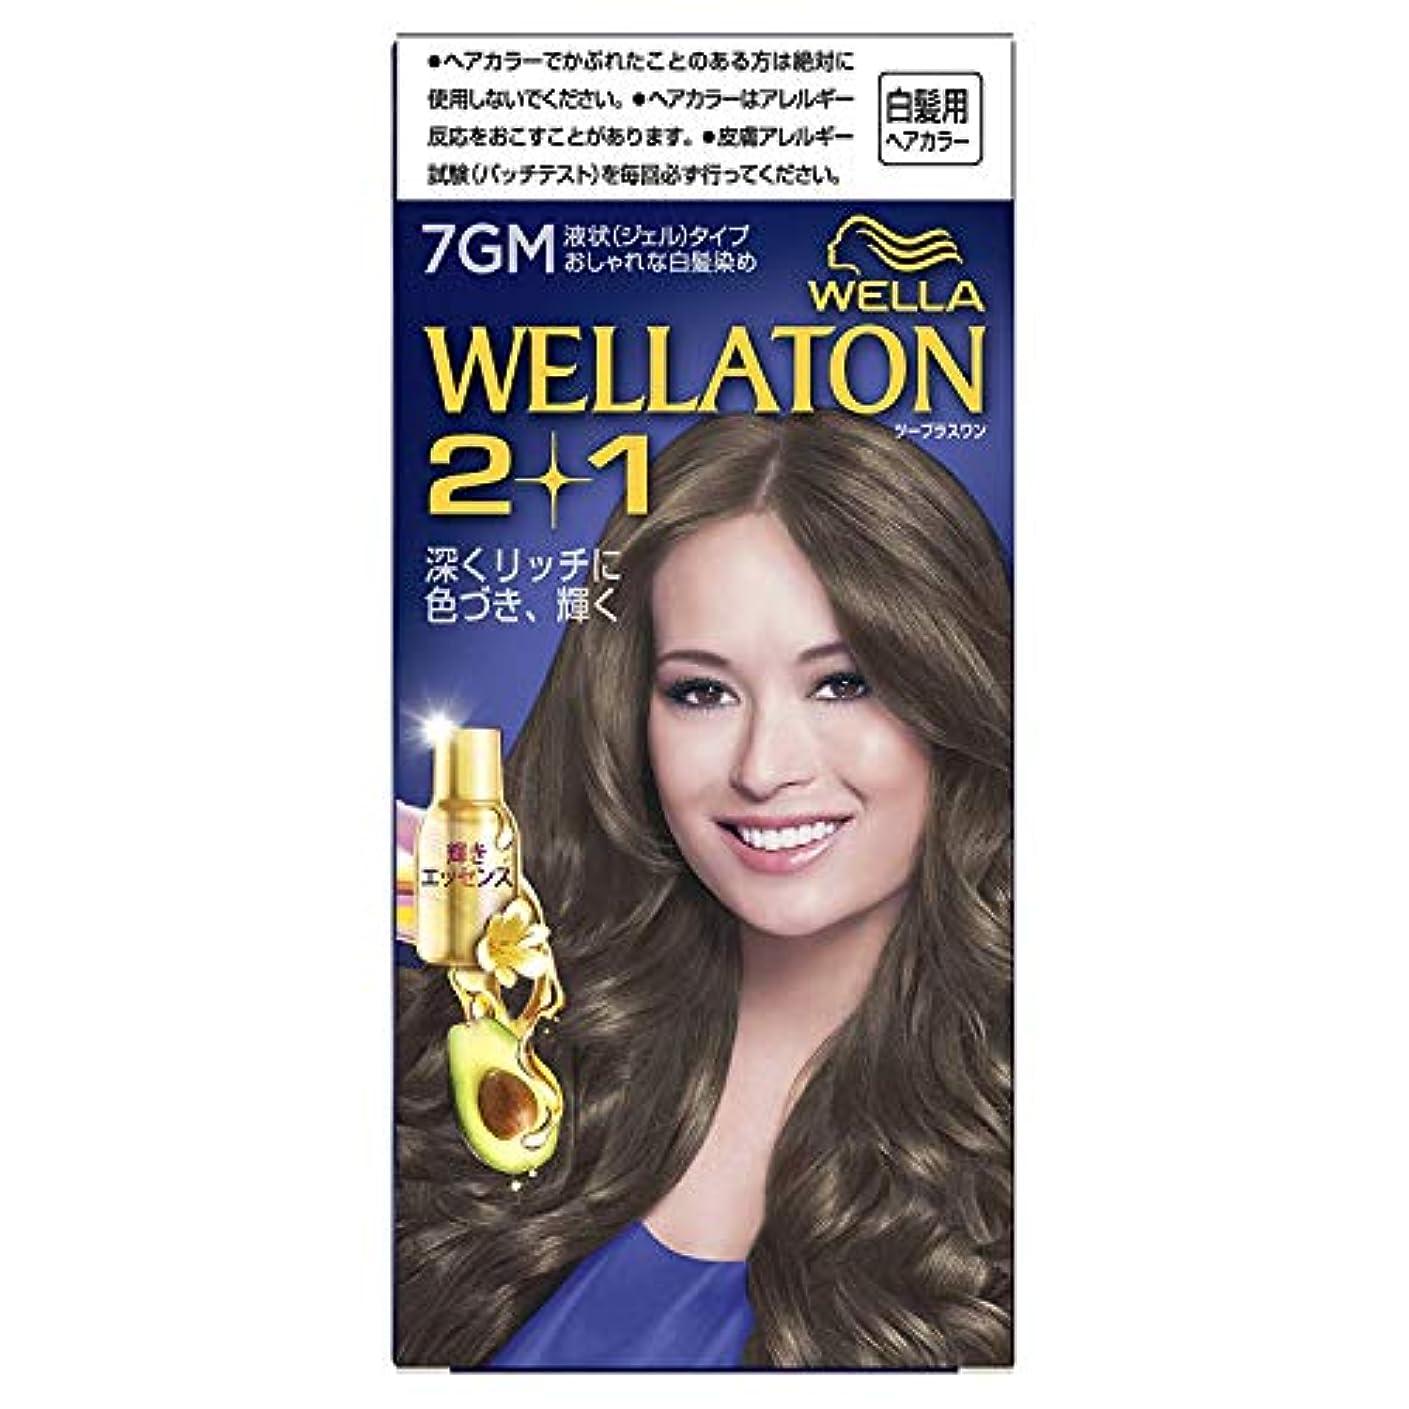 スカートパッドツールウエラトーン2+1 液状タイプ 7GM [医薬部外品] ×3個